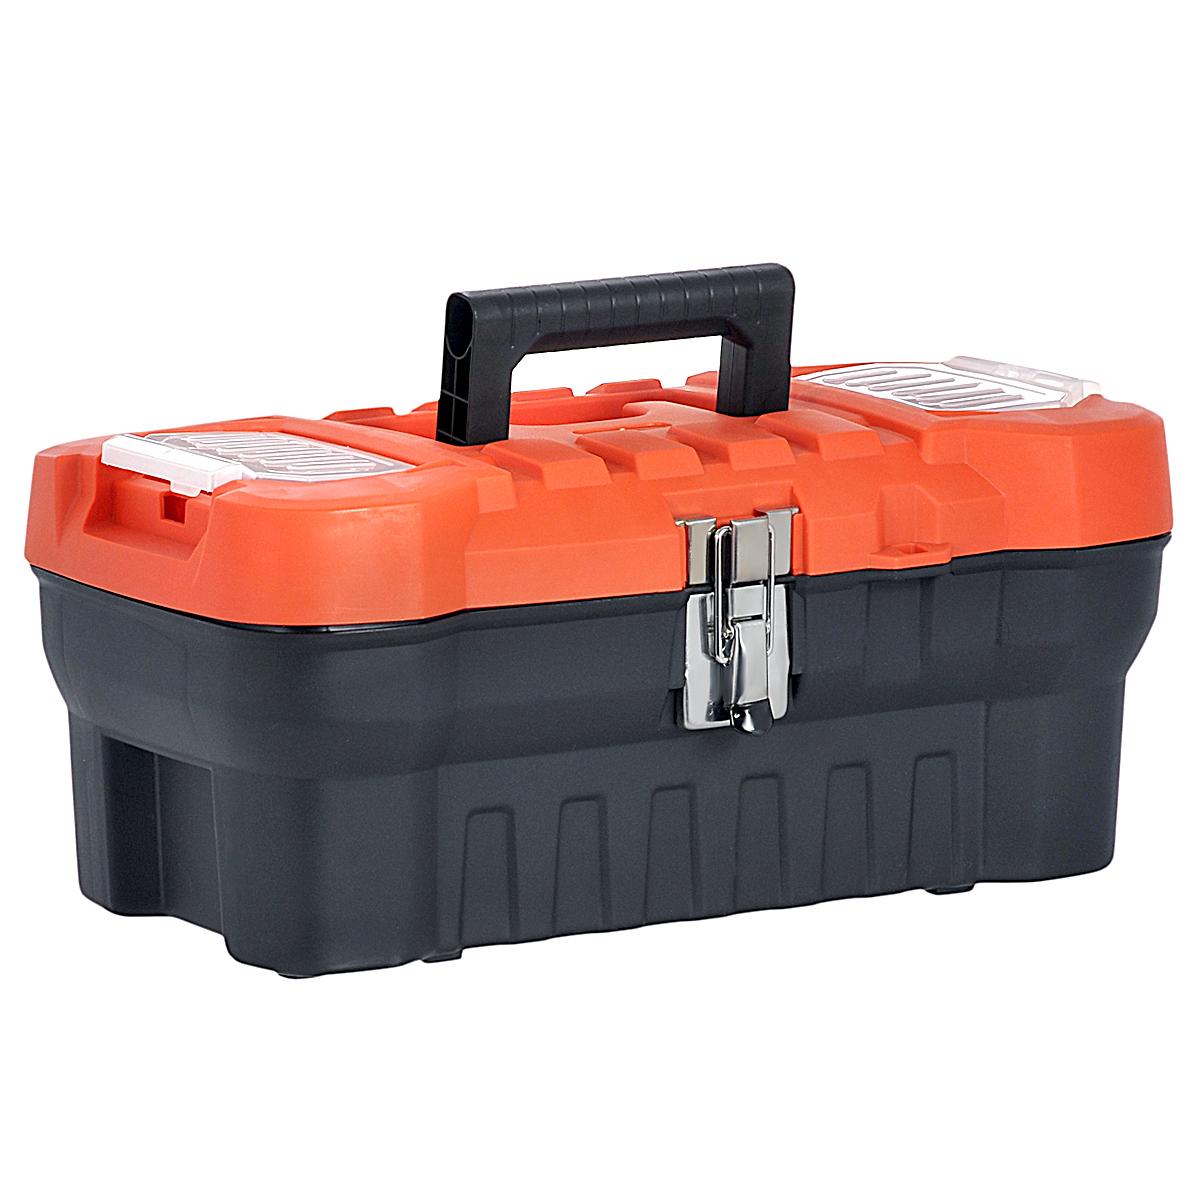 Ящик для инструментов Blocker Expert 16, с органайзером, цвет: черный, оранжевый, 41 х 21 х 17,5 см